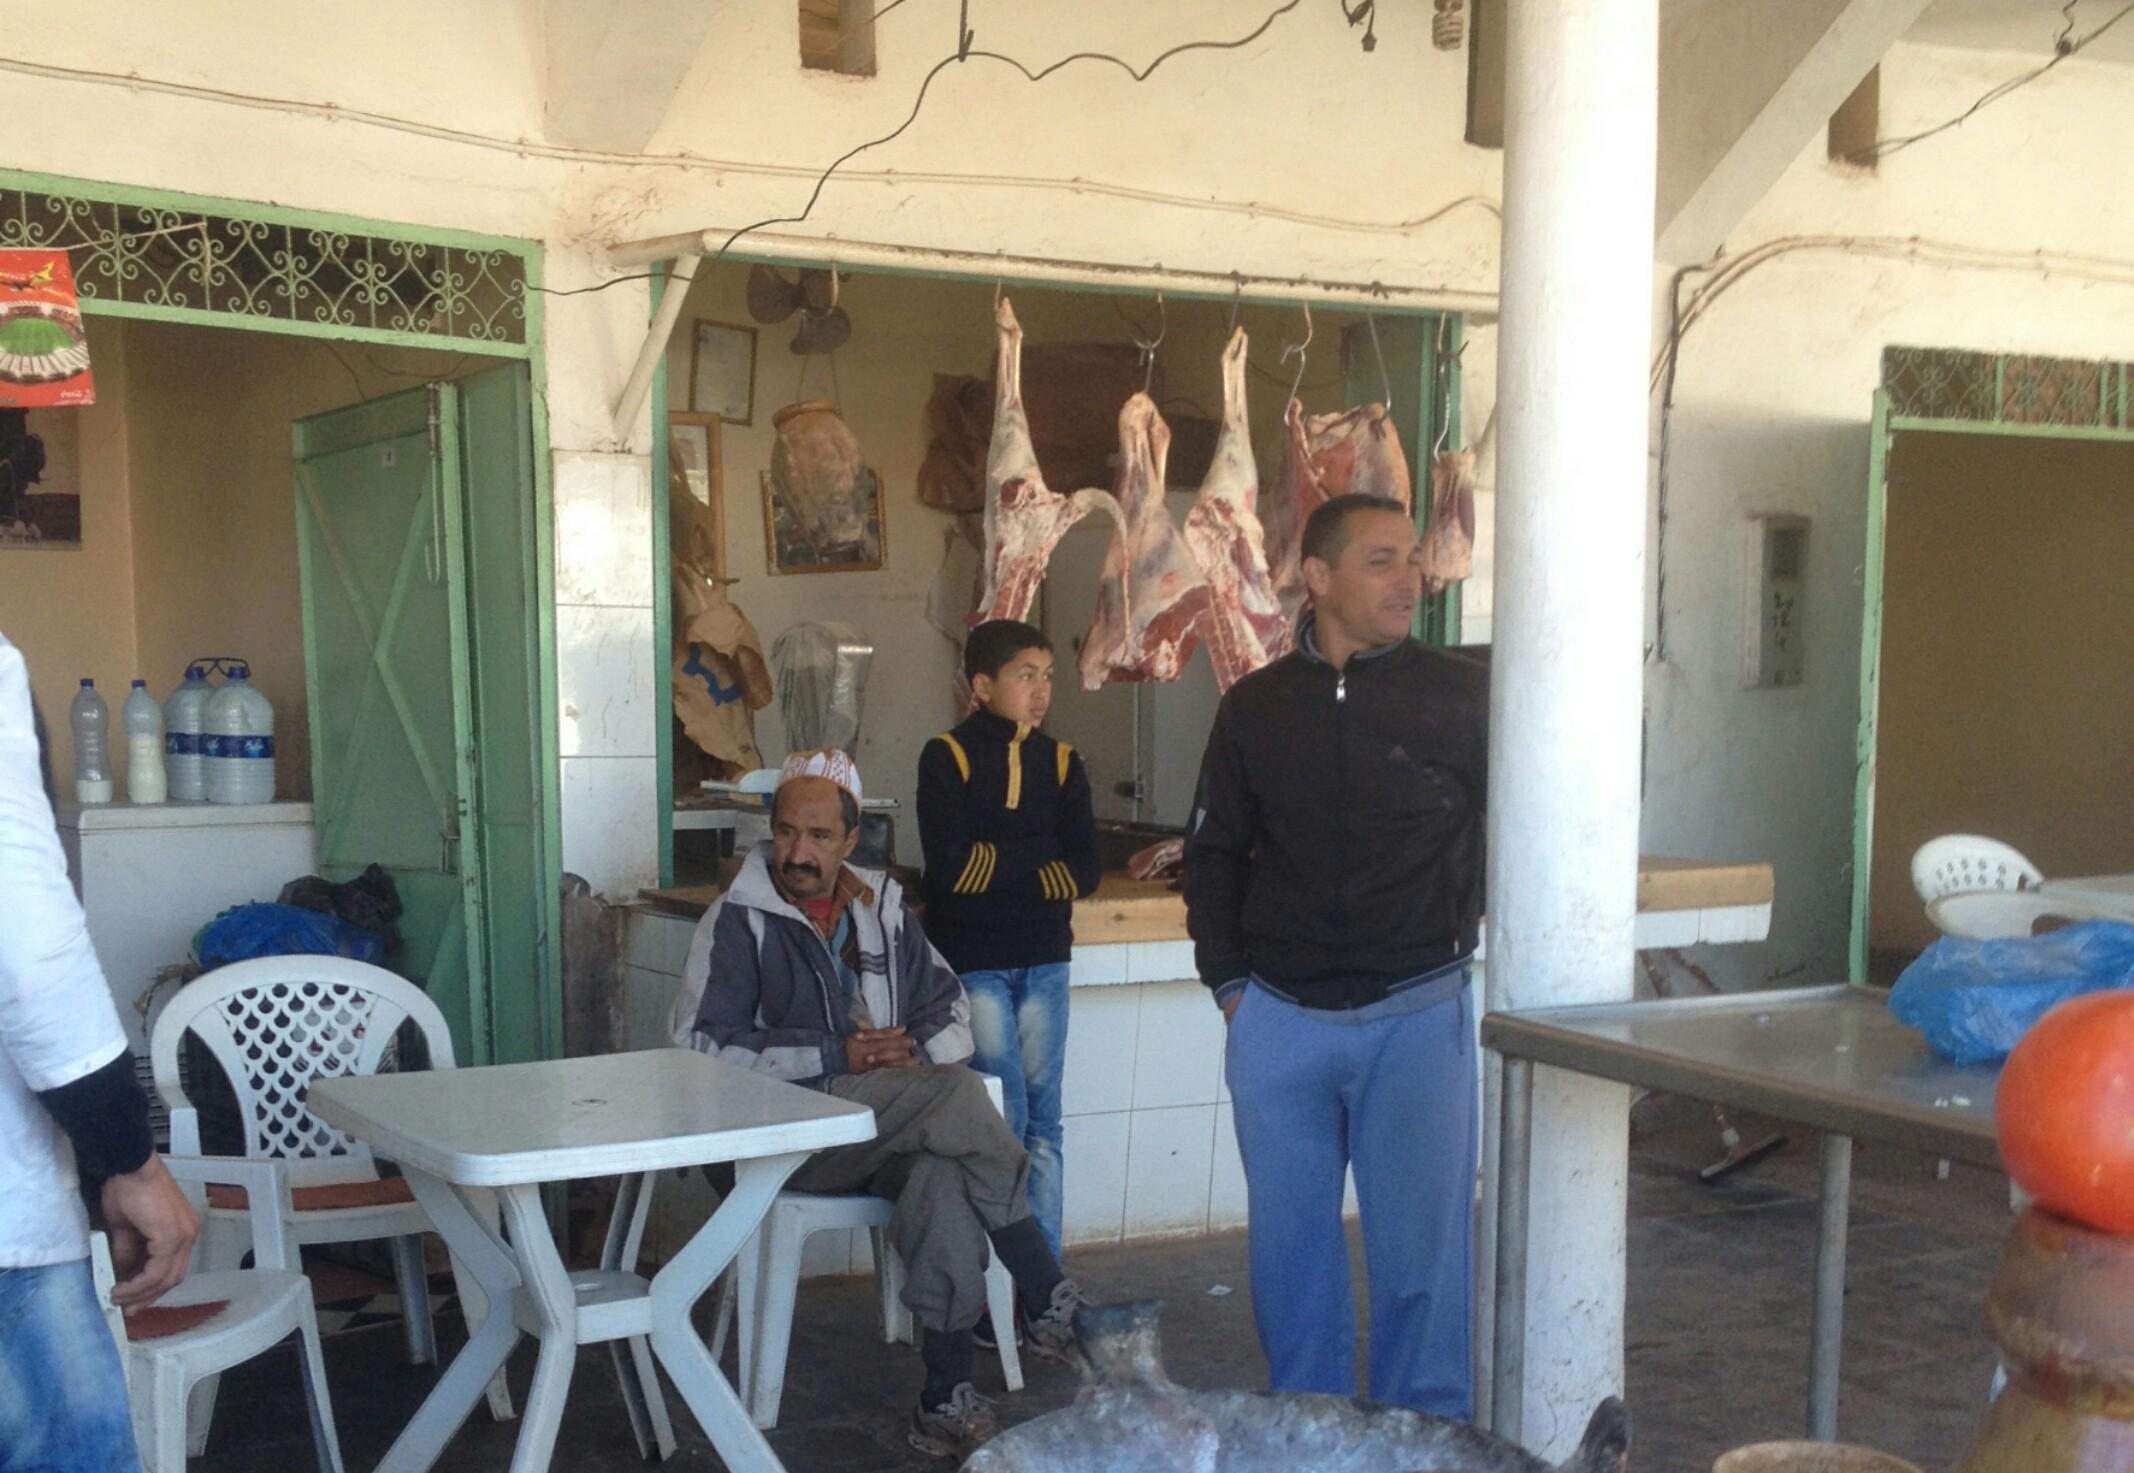 Maroko.Sklep ze świeżym mięsem,wiszącym na metalowych hakach.Obok można usiąść i zamówić kawałek mięsa pieczonego na ruszcie.